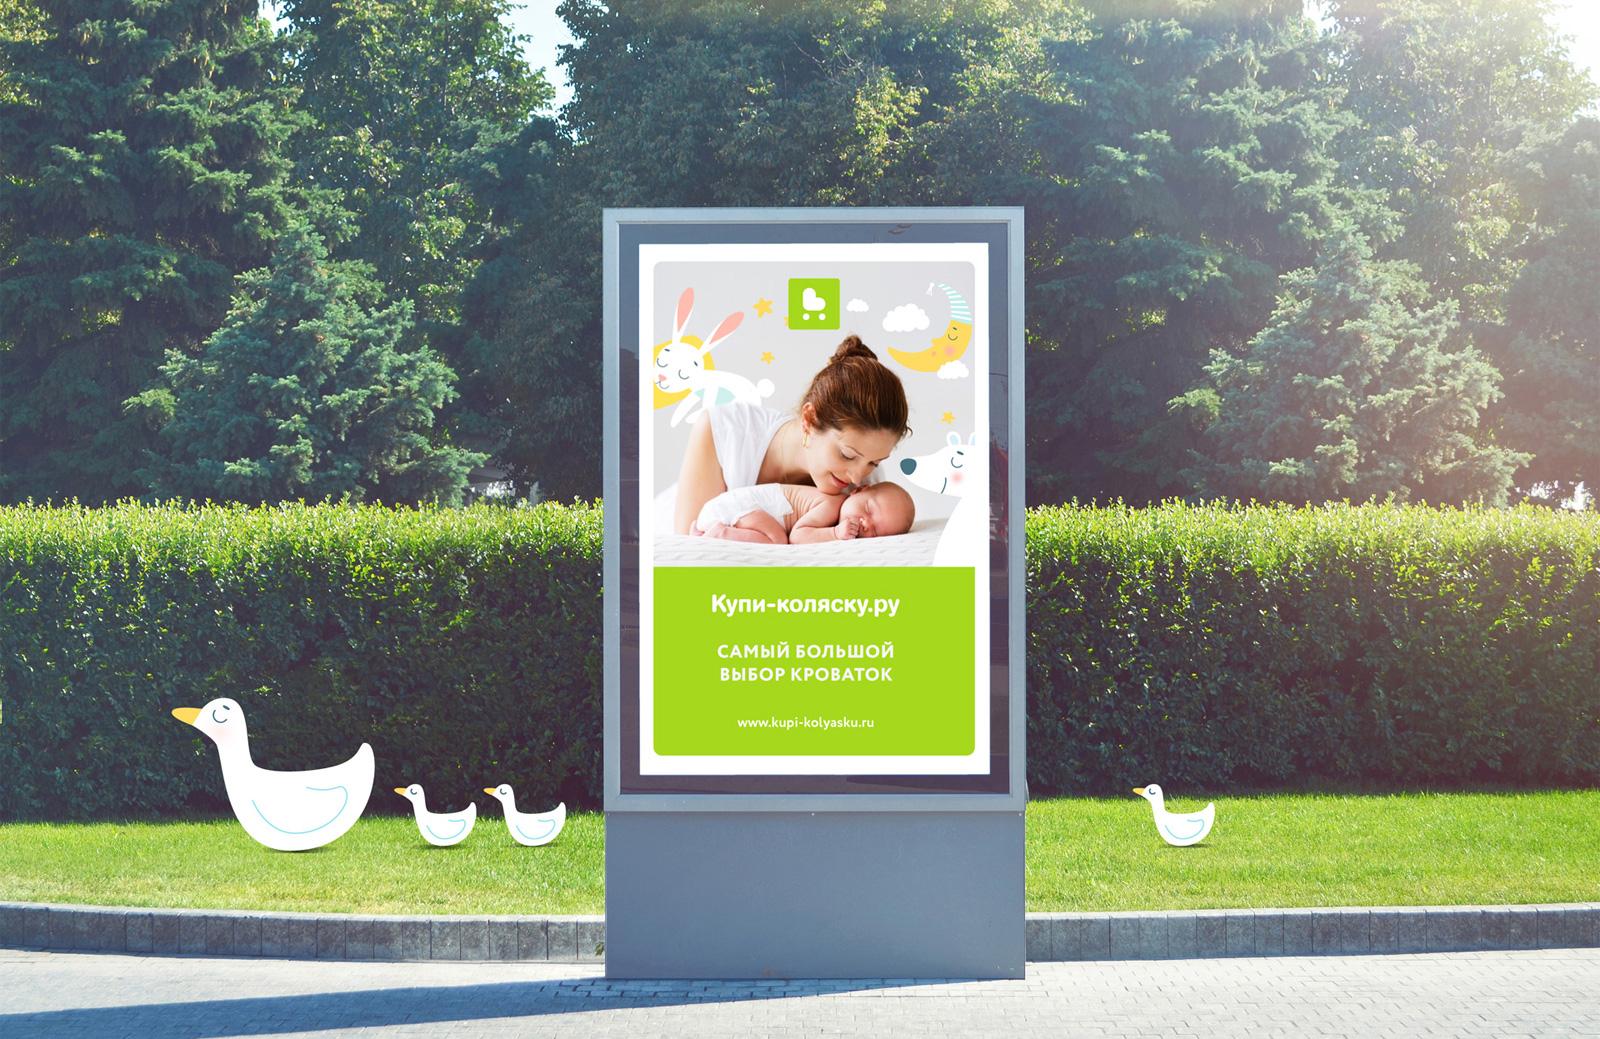 Дизайн рекламы розничного магазина «Купи коляску»